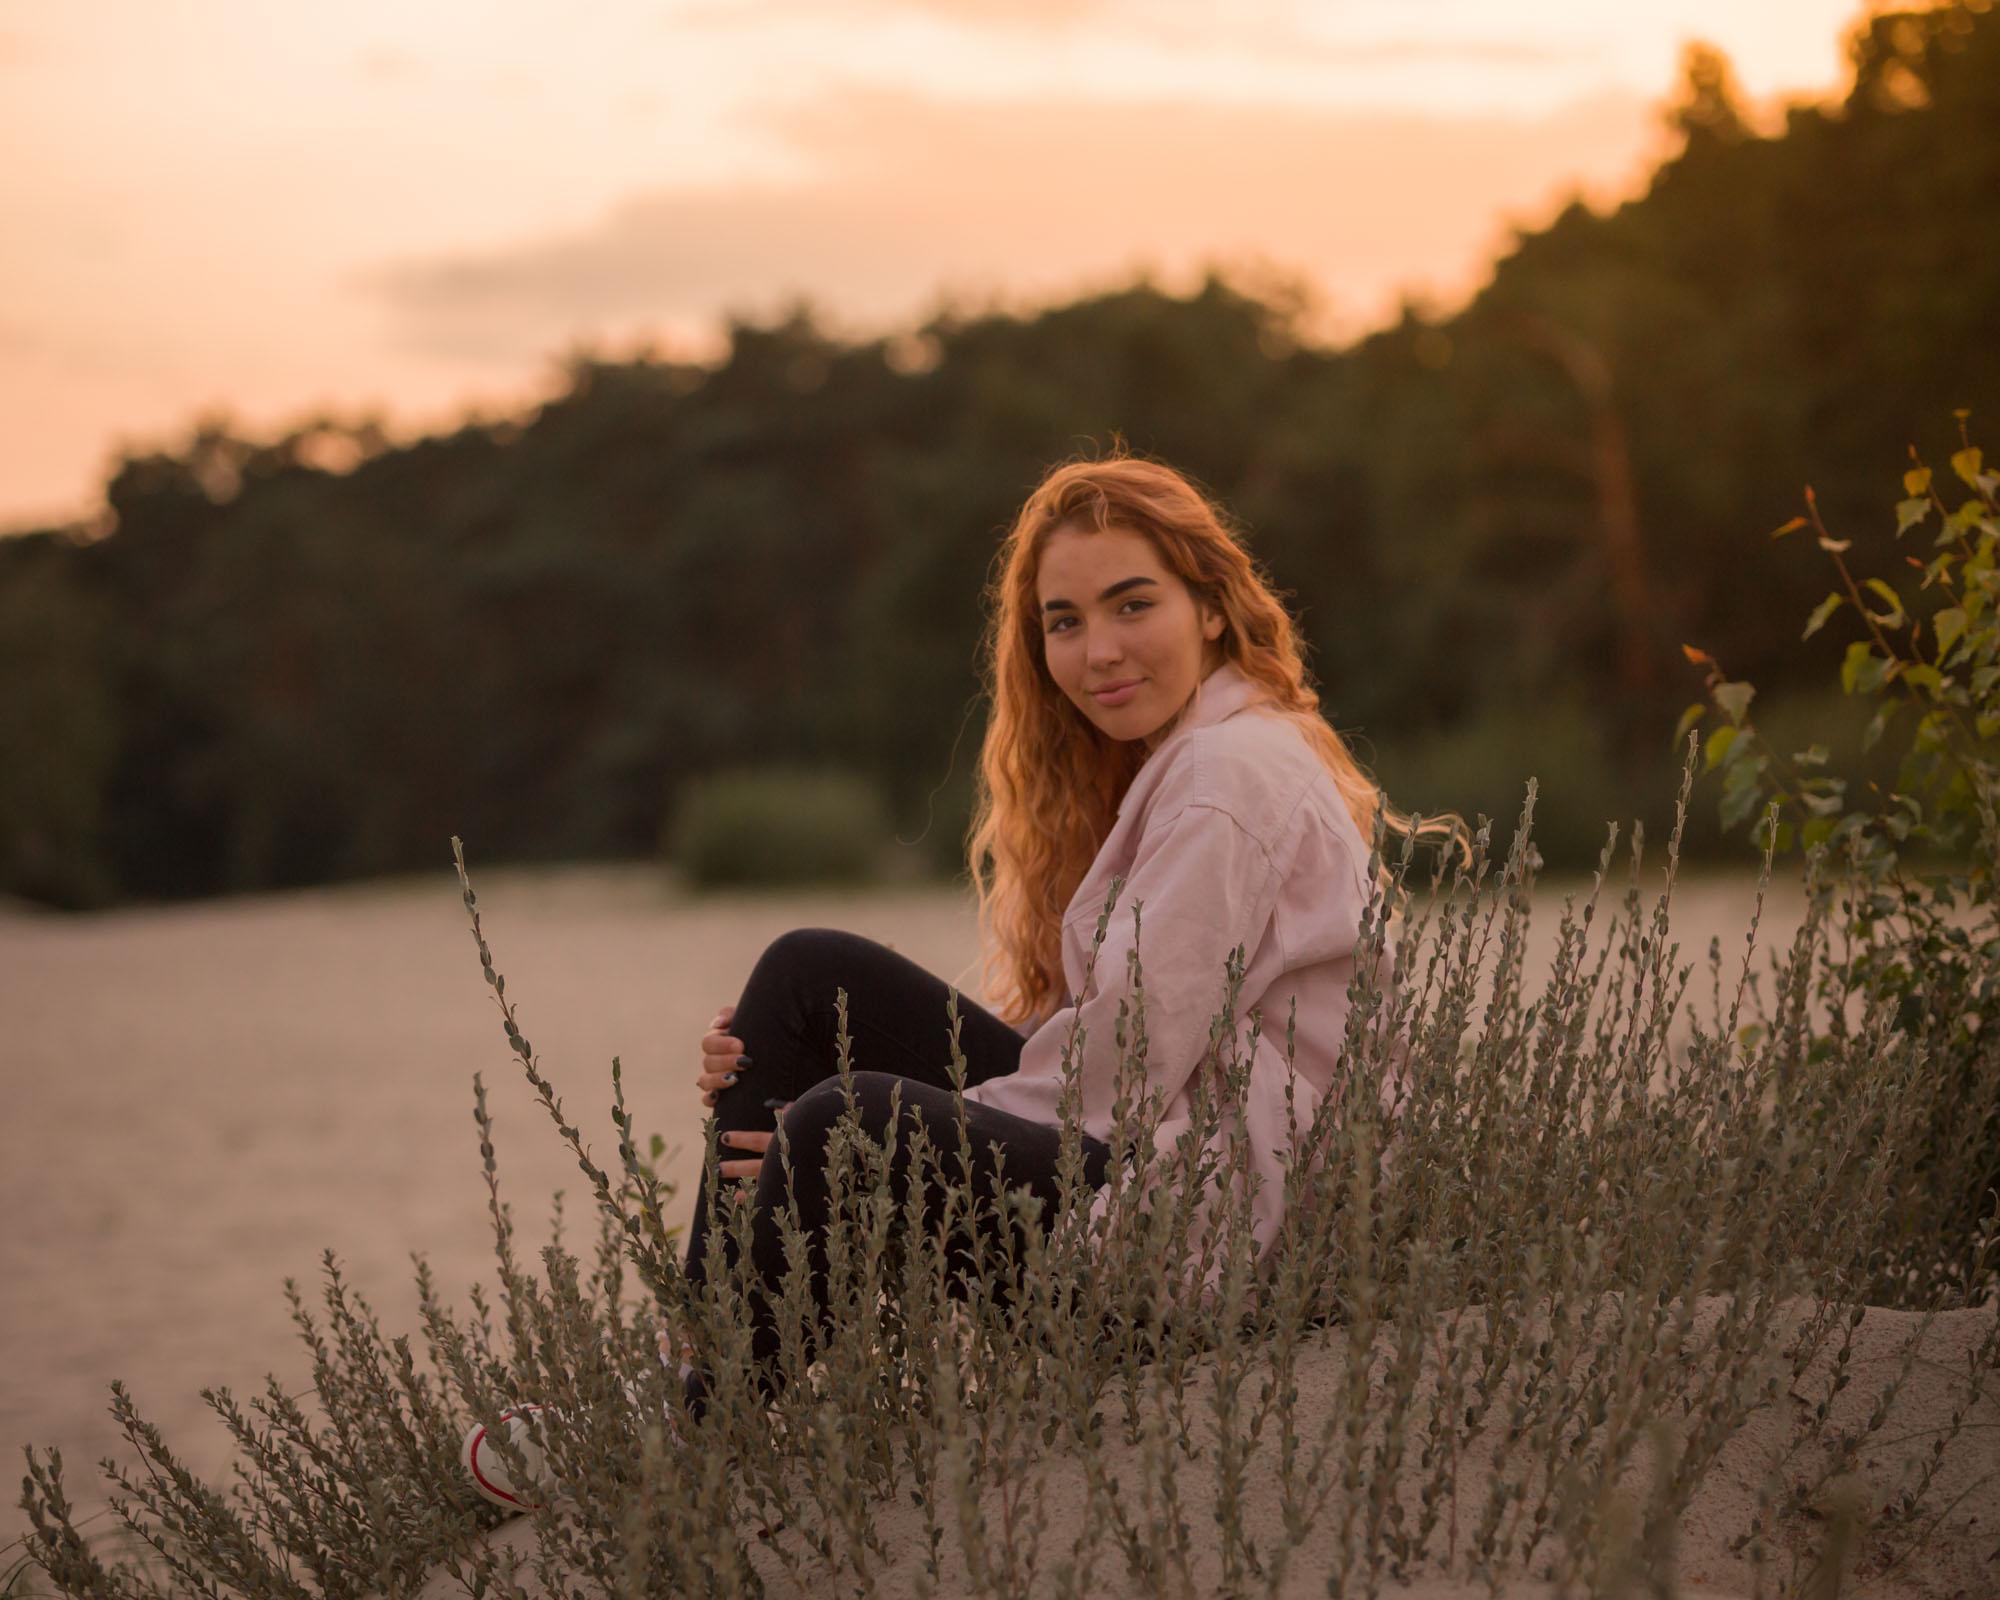 Tiener portretfotograaf in Amersfoort. Tienerportret door Mayra Fotografie. Gouden uurtje portret bij Soesterduinen. Fotograaf Amersfoort. Fotograaf Nijkerk. Fotograaf Hoevelaken.